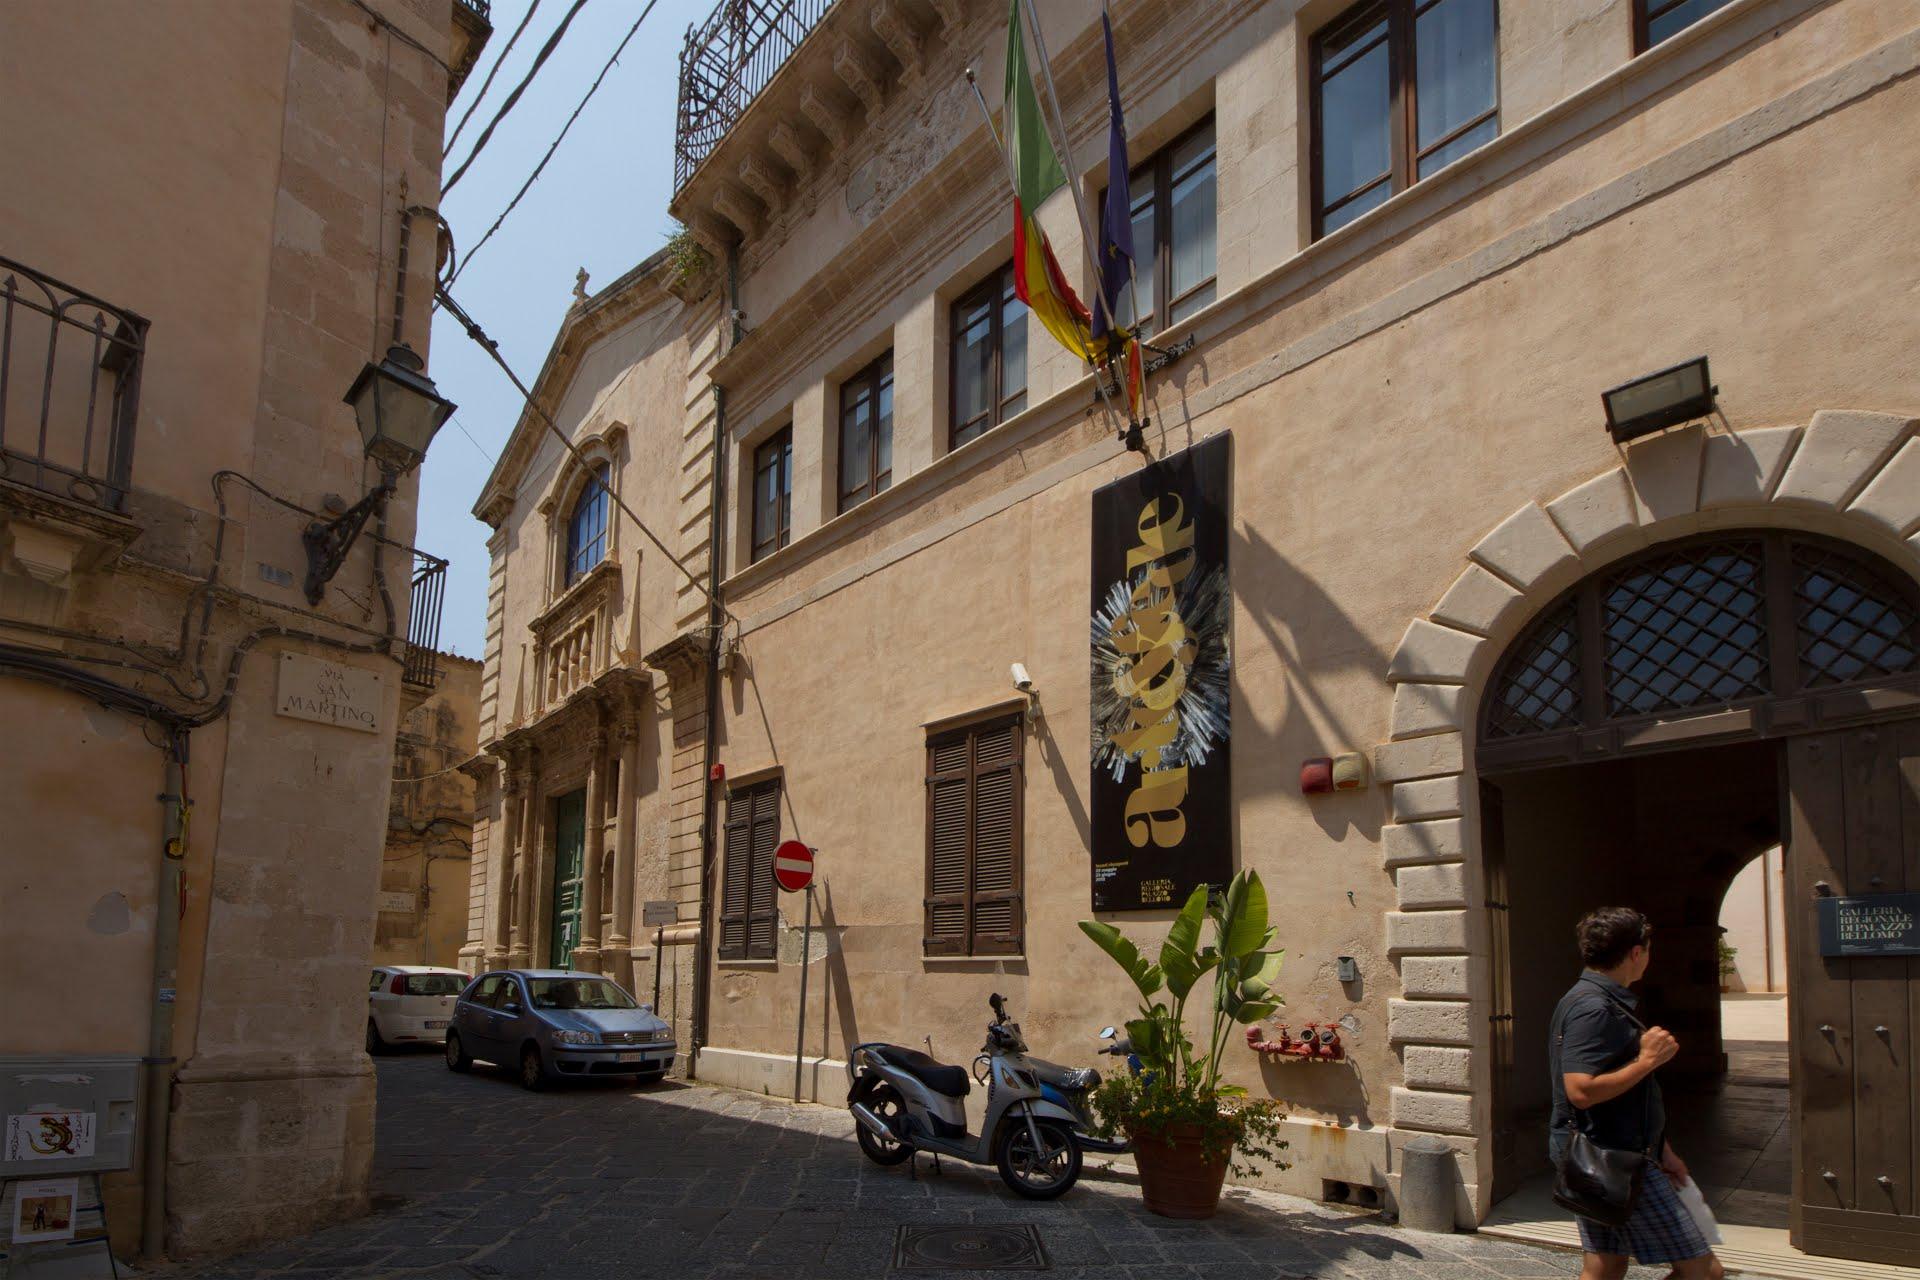 Museo di palazzo Bellomo - Wikipedia